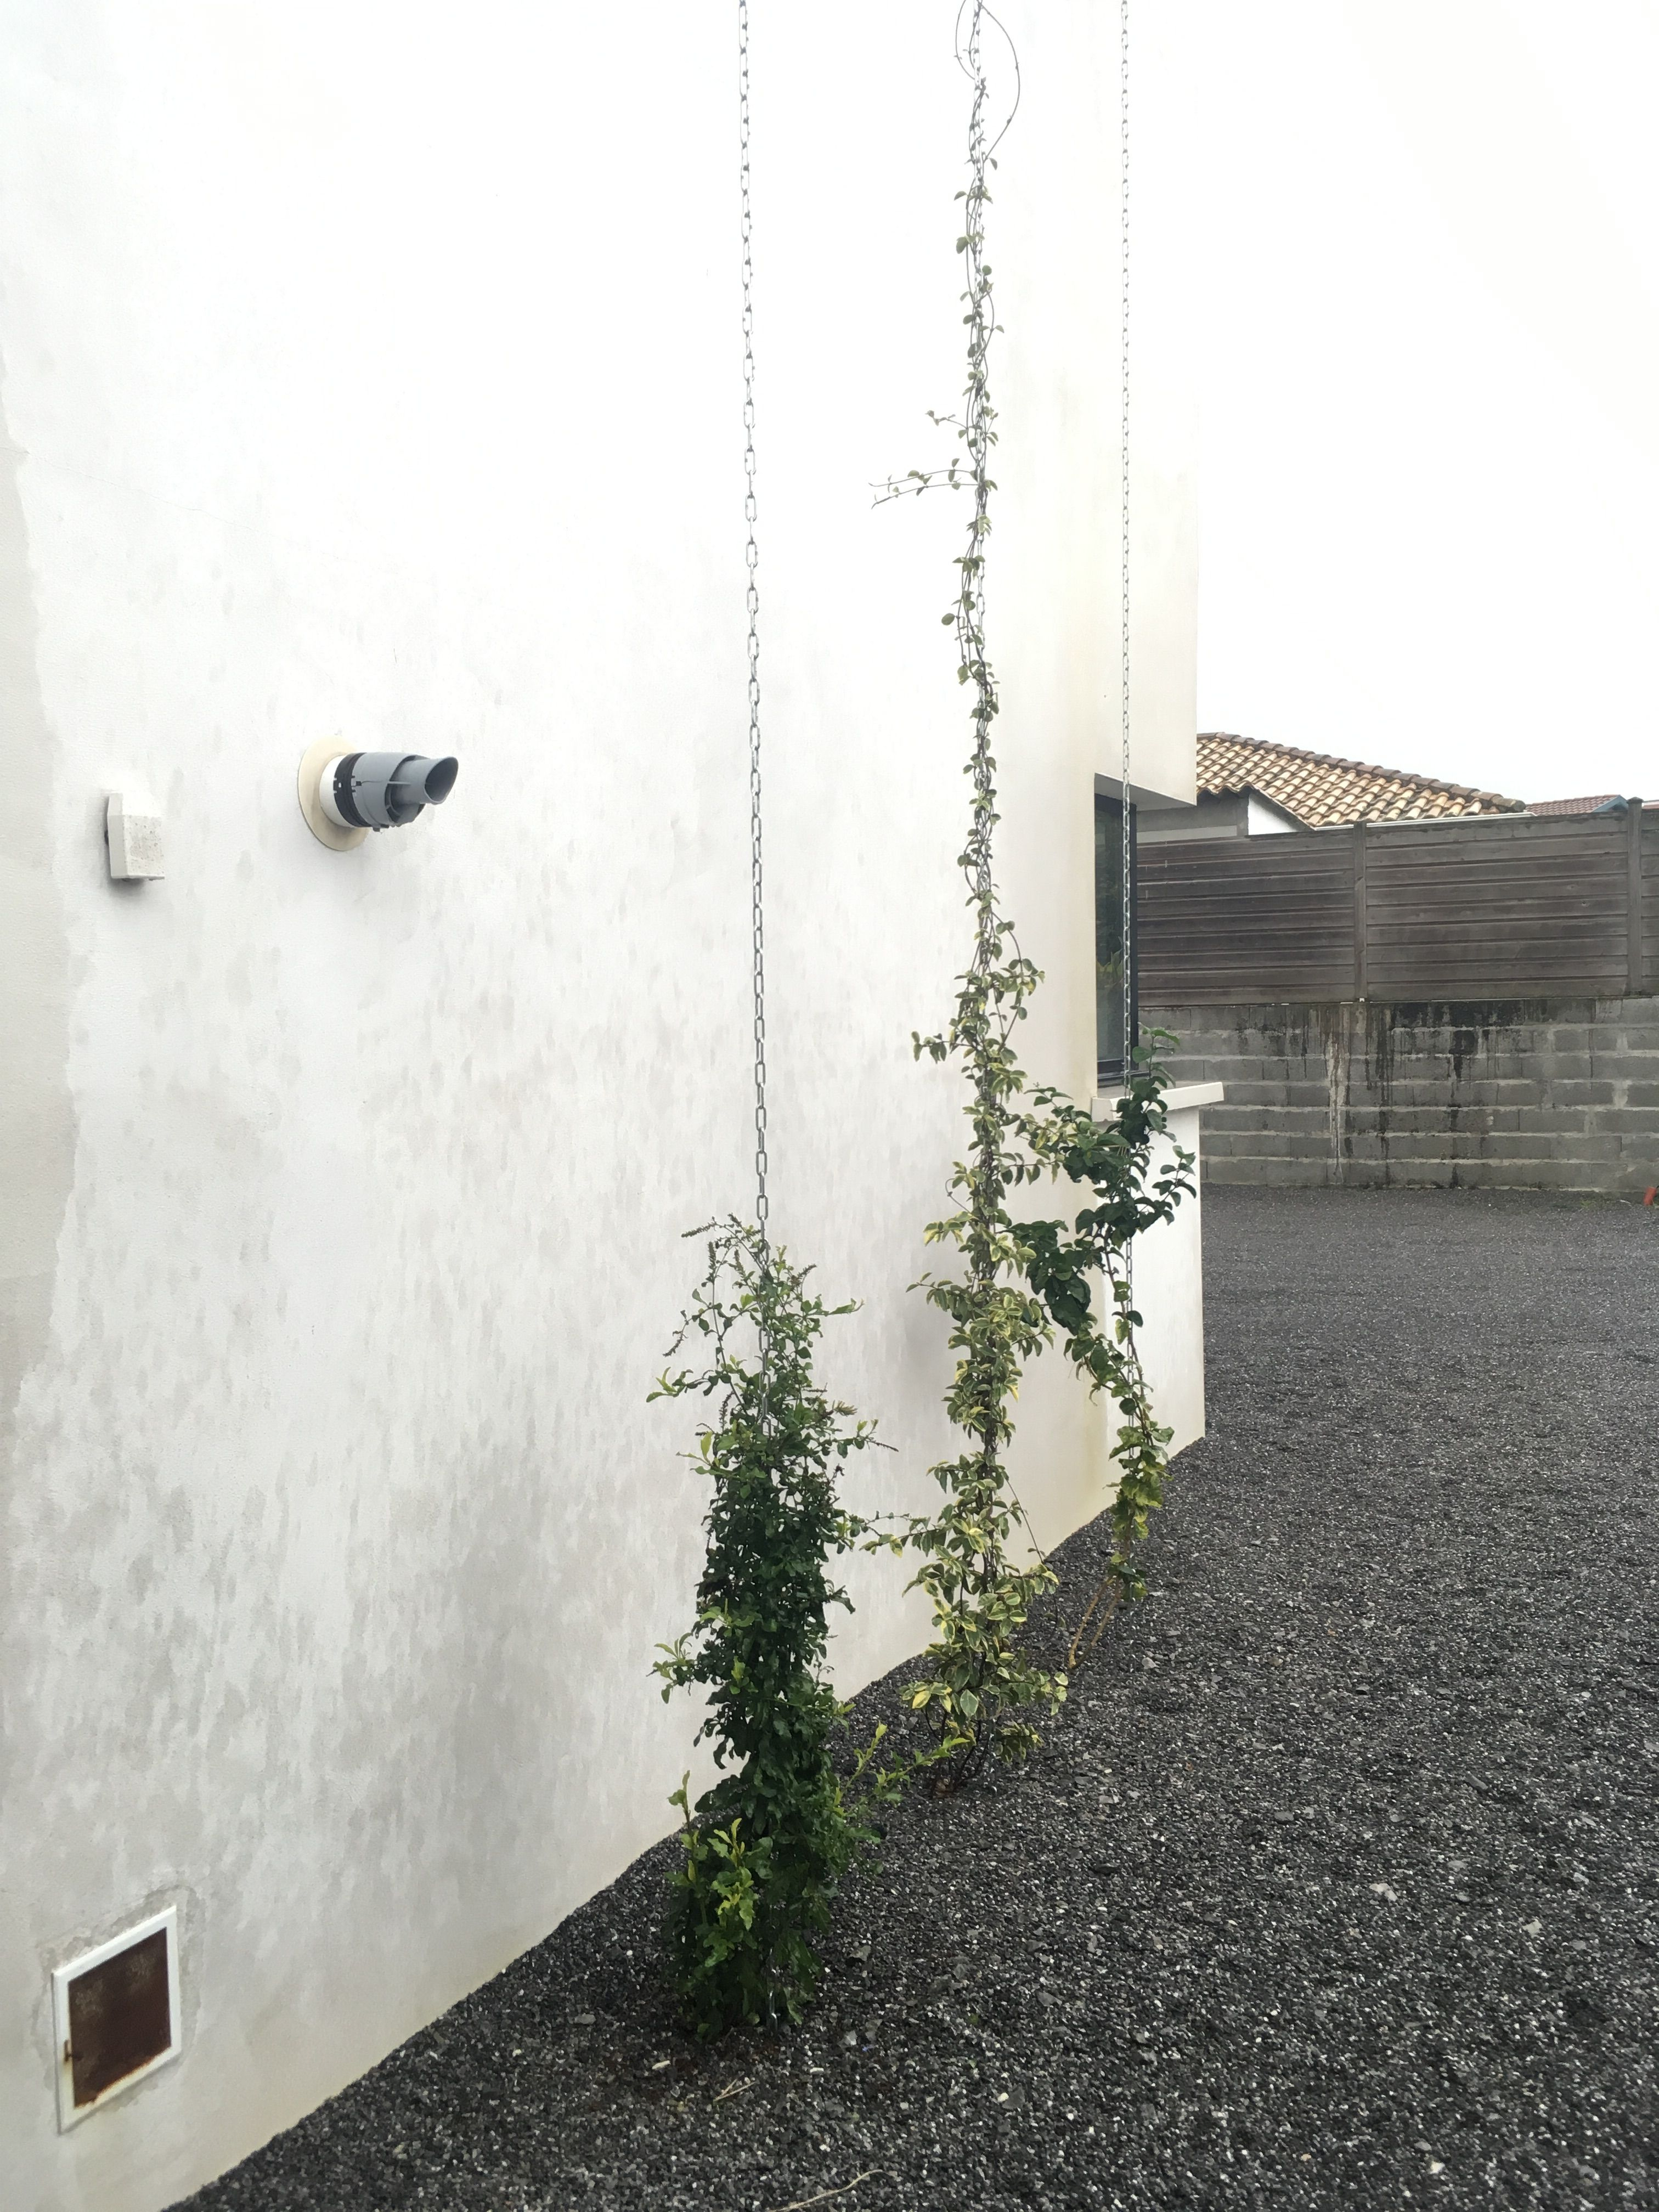 Pour Faire Une Séparation Entre Lentrée Du Garage Et La Fenêtre De - Faire une entree de garage